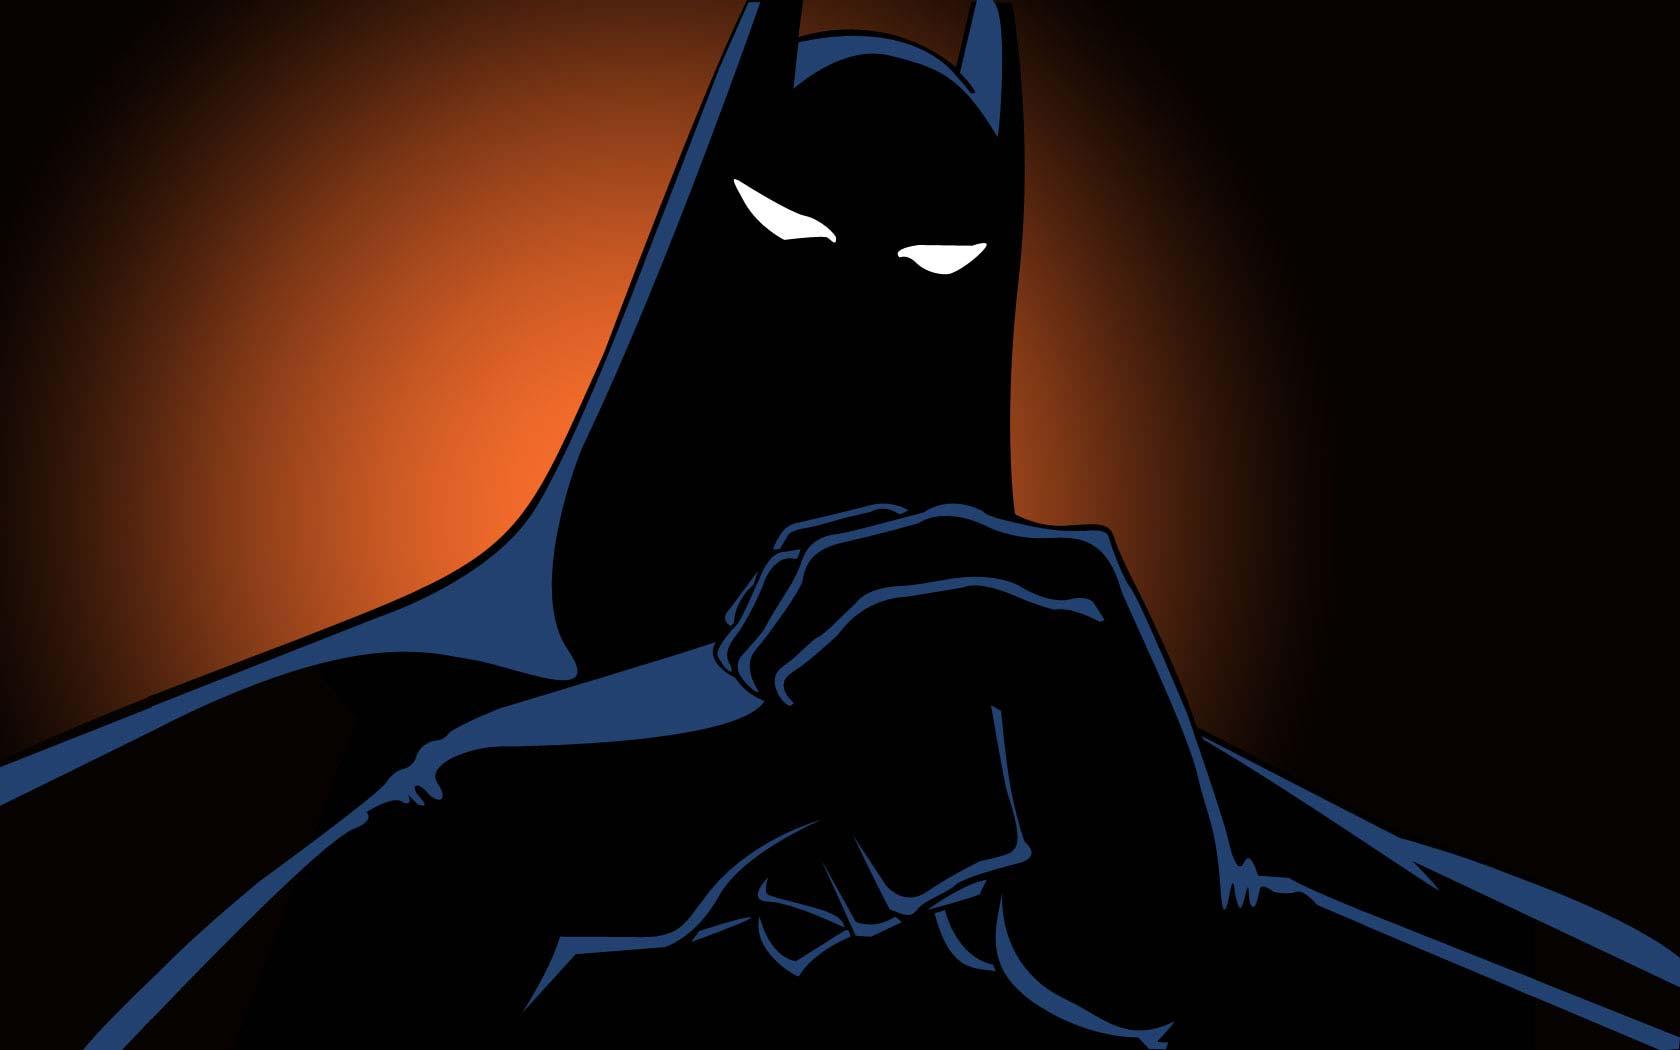 TAS Batman Wallpaper   Batman Wallpaper   Cartoon Watcher 1680x1050